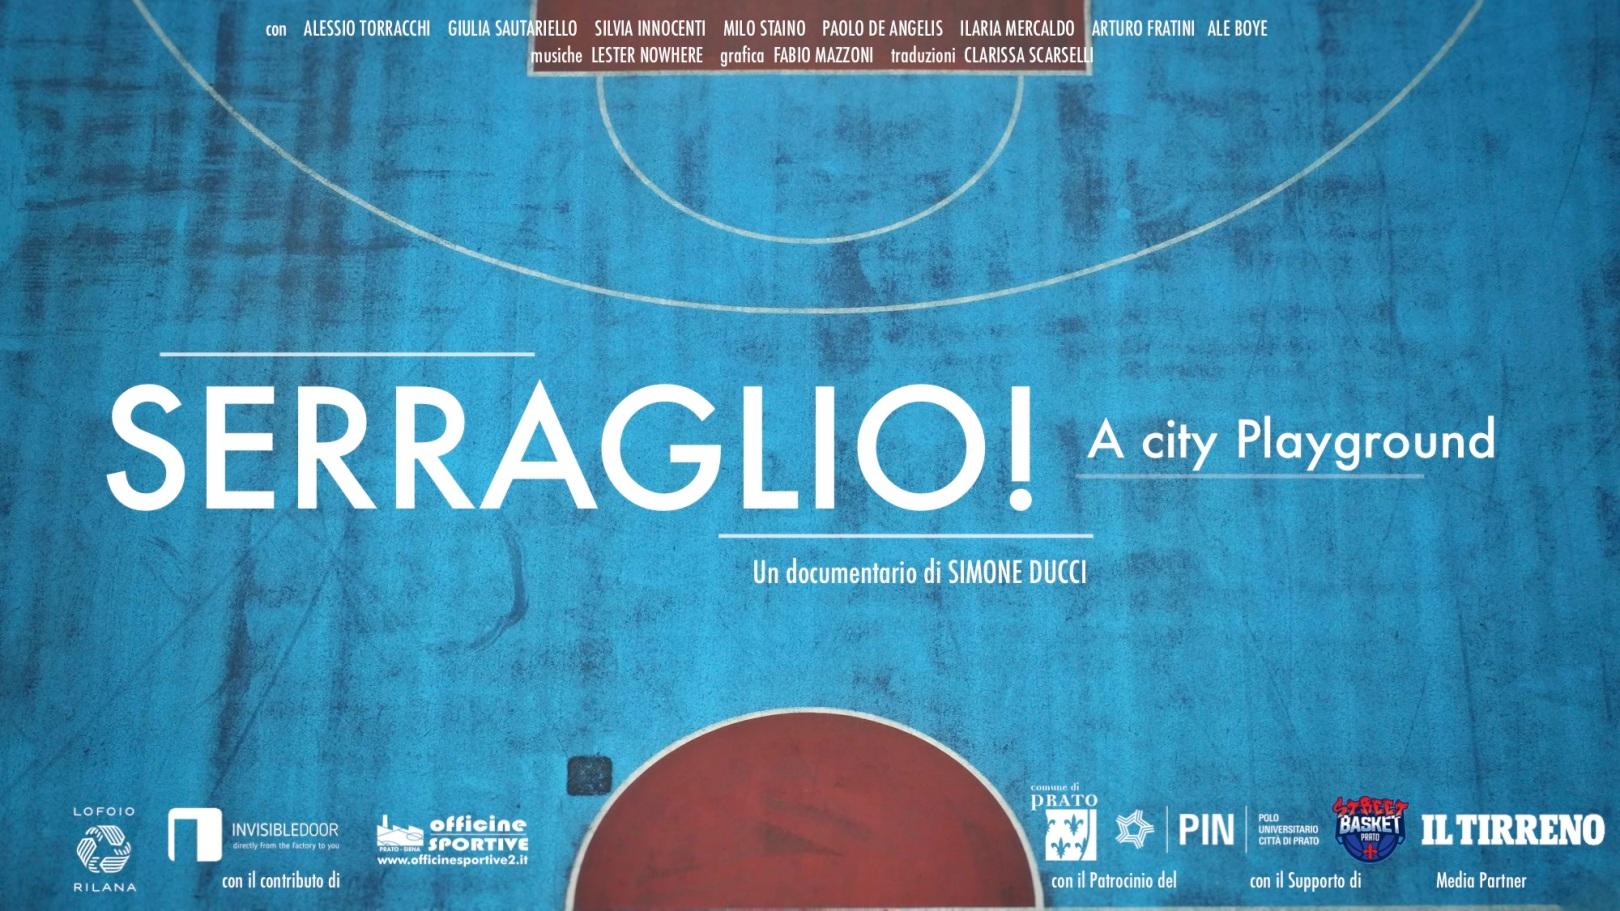 Serraglio! A city Playground